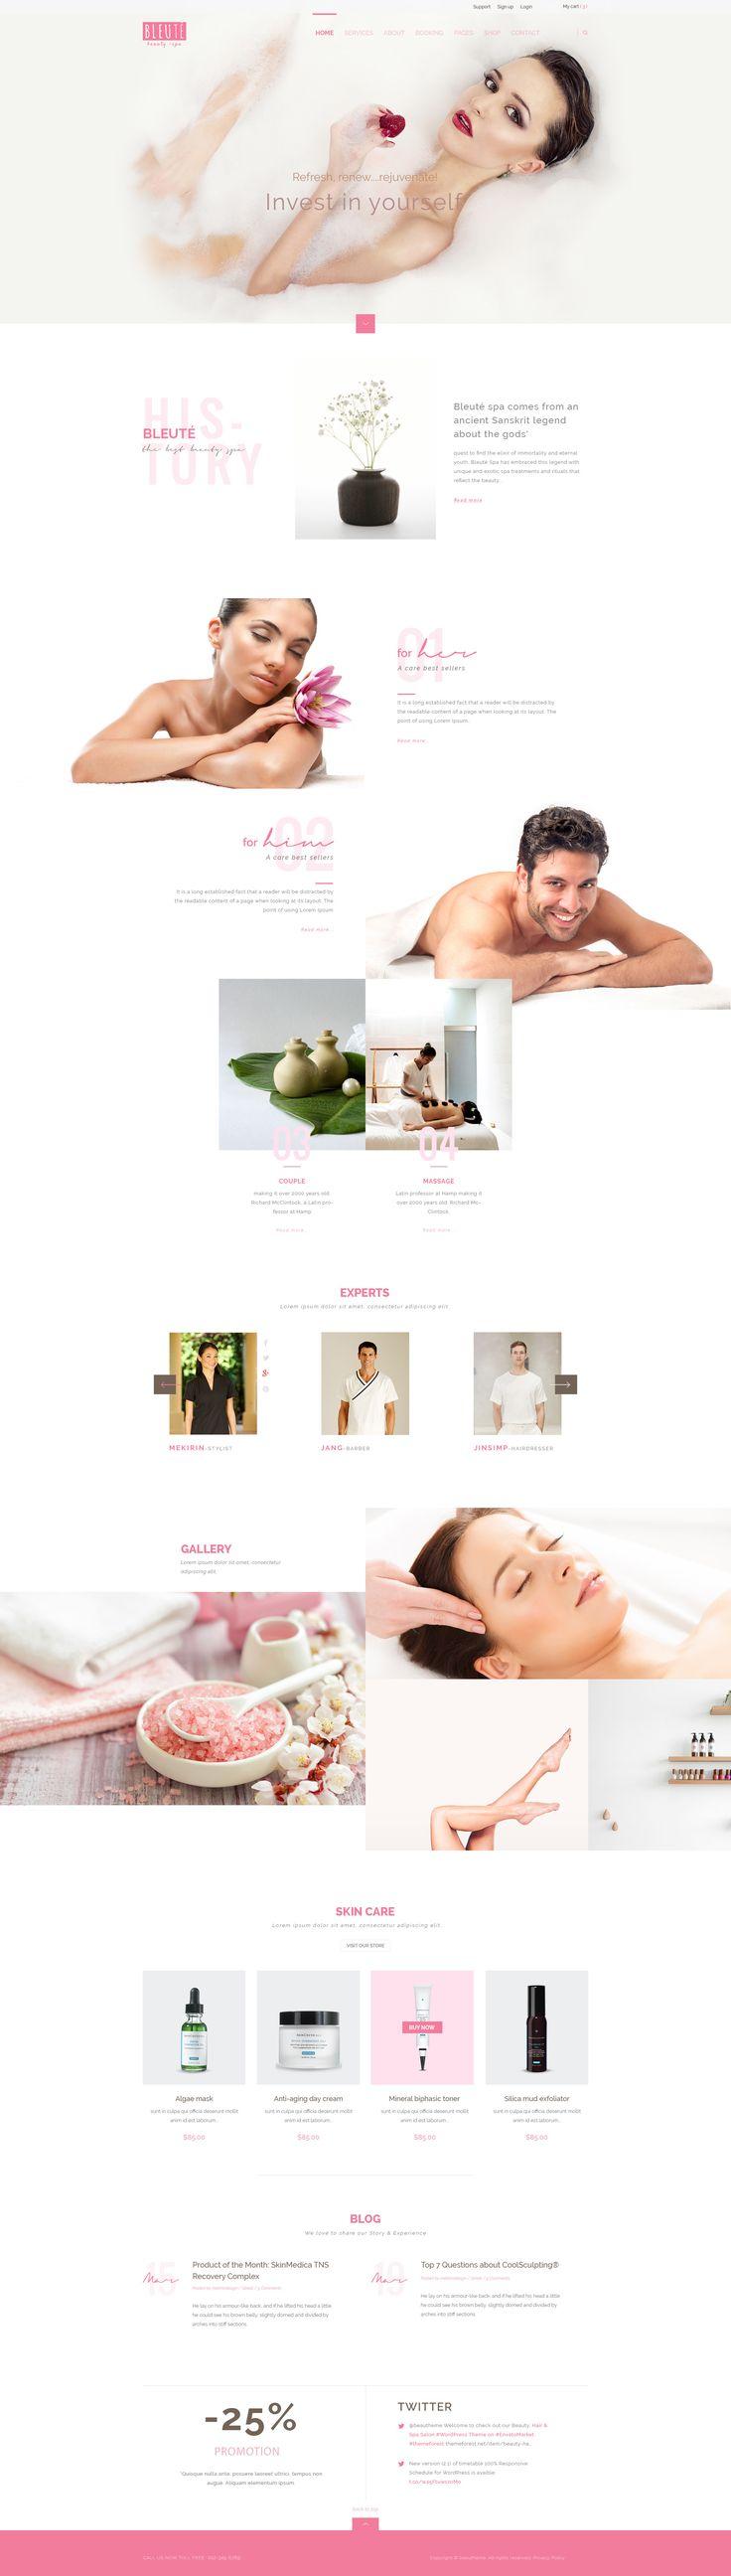 Bleute - Beauty | Spa | Hair | Wellness/Salon PSD - PSD Templates | ThemeForest